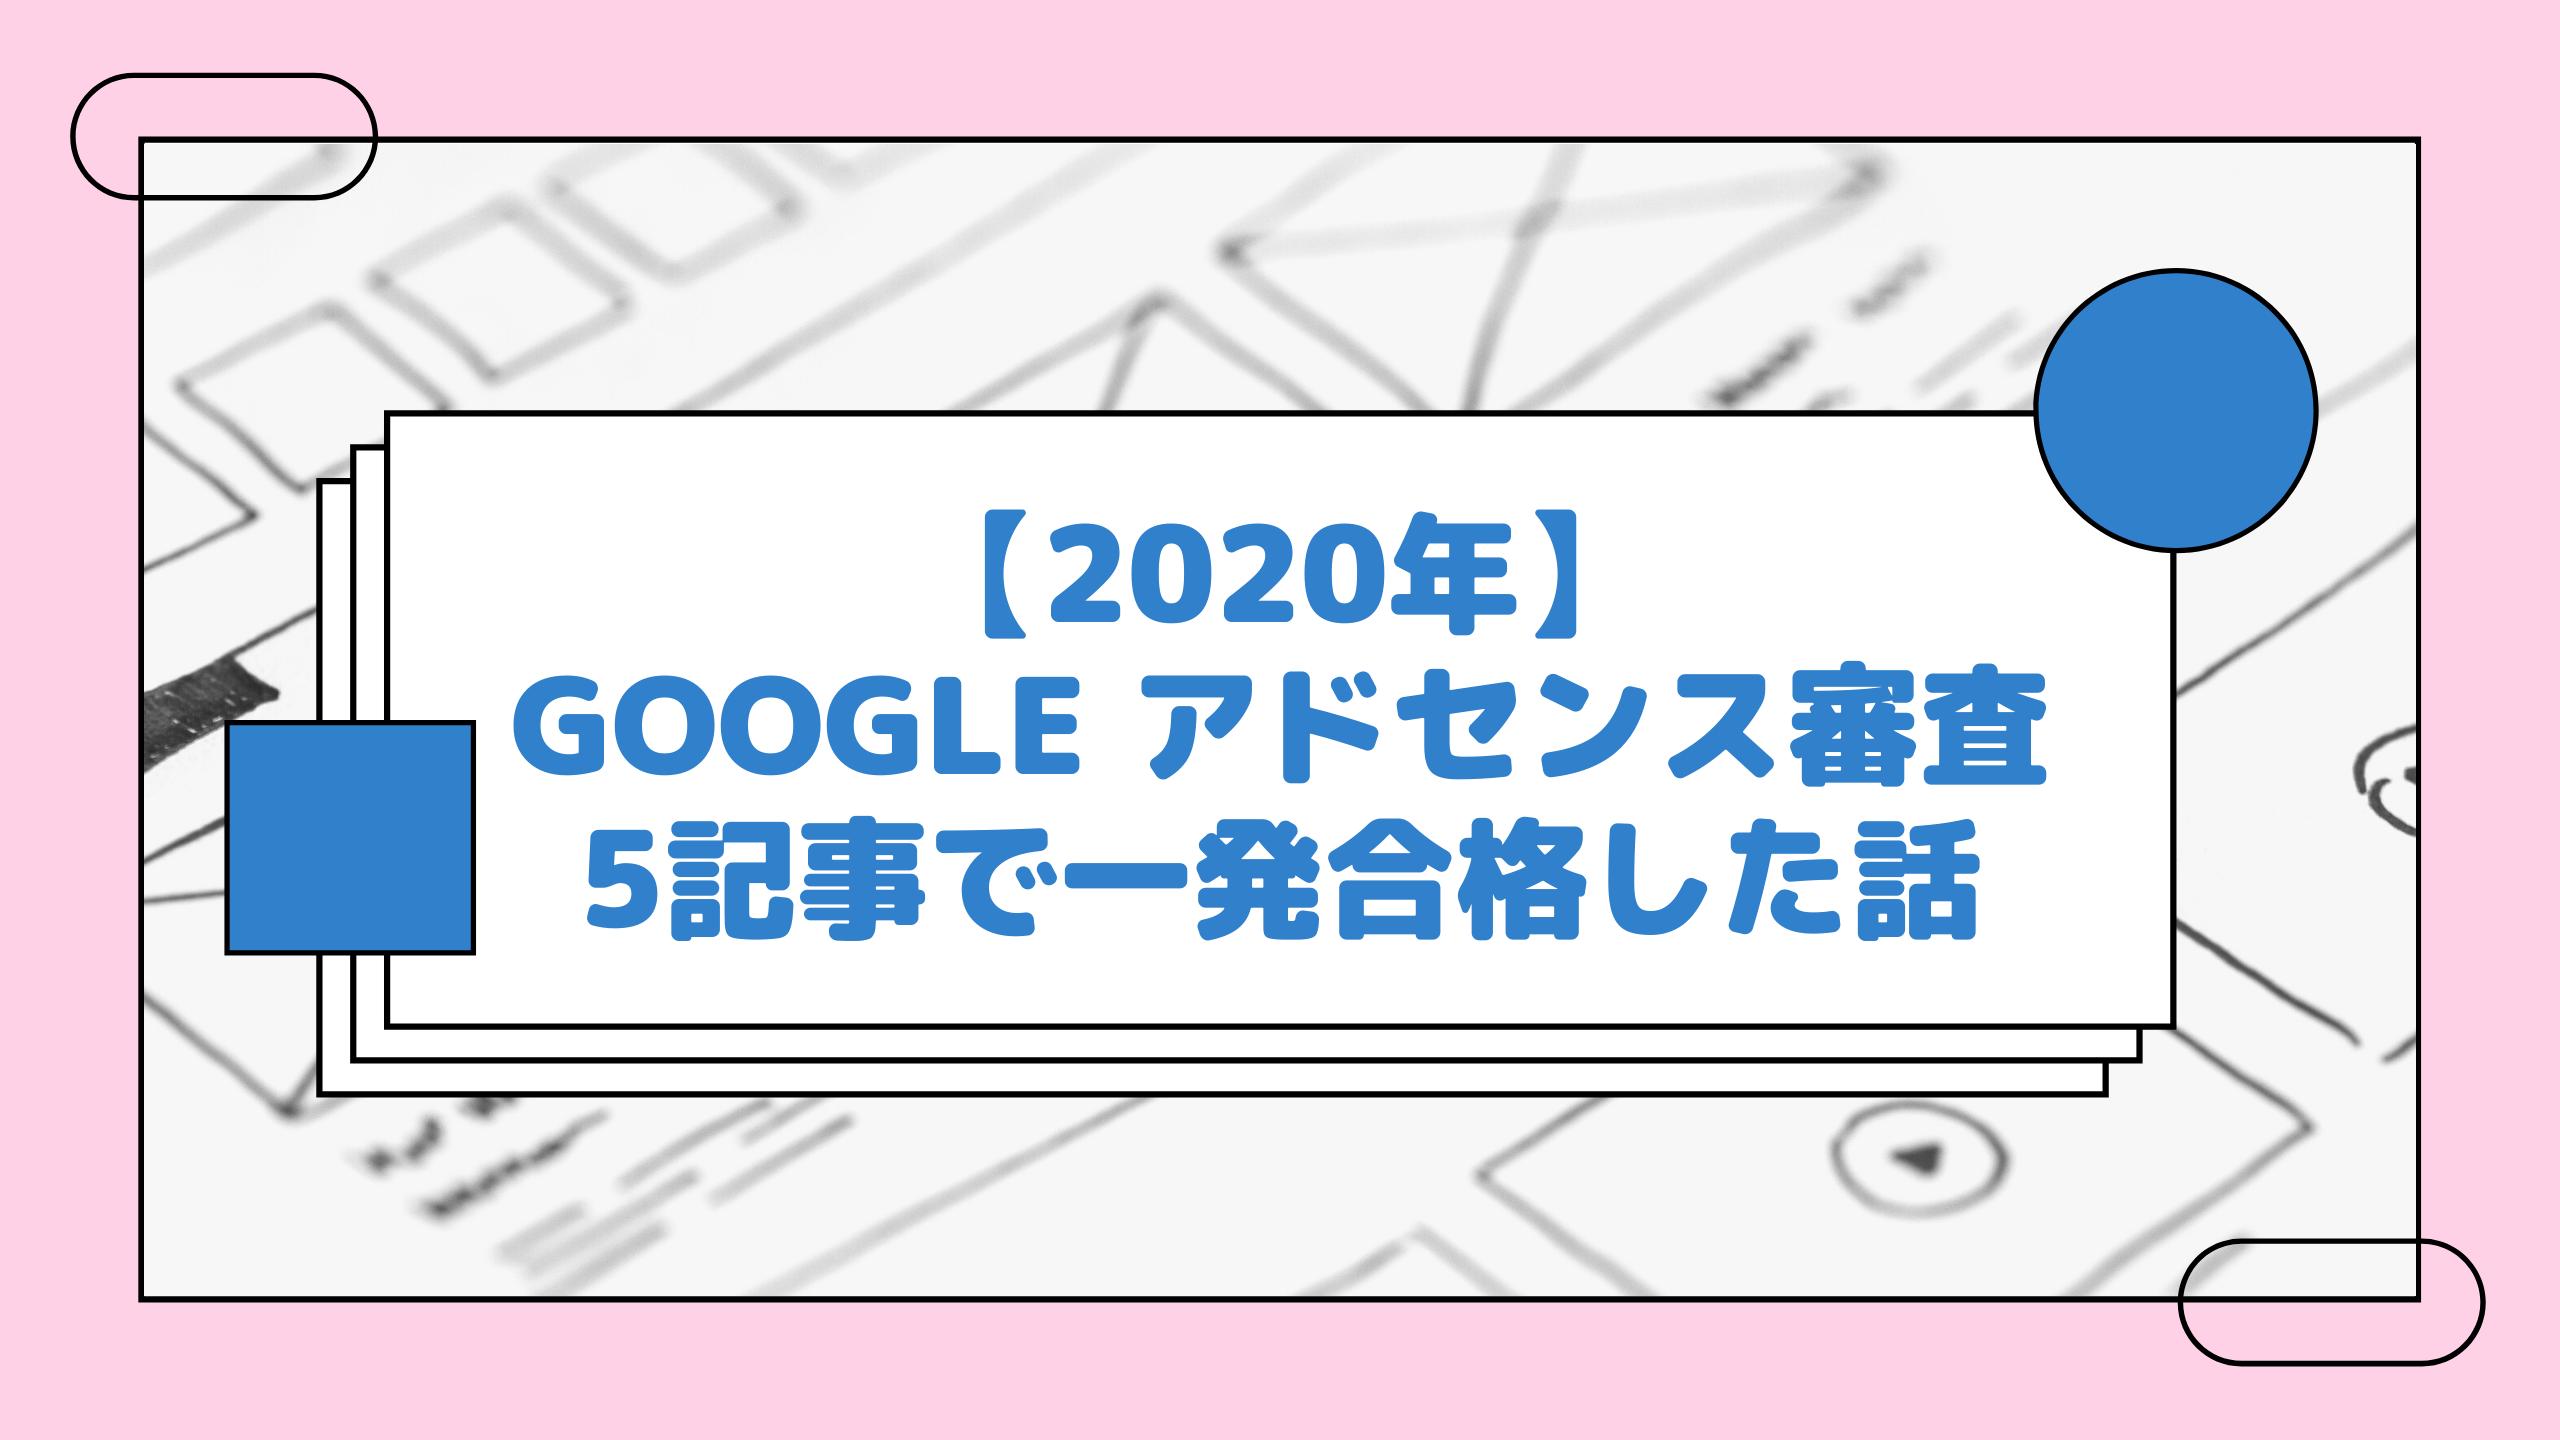 【2020年】Googleアドセンス審査を5記事で一発合格した話